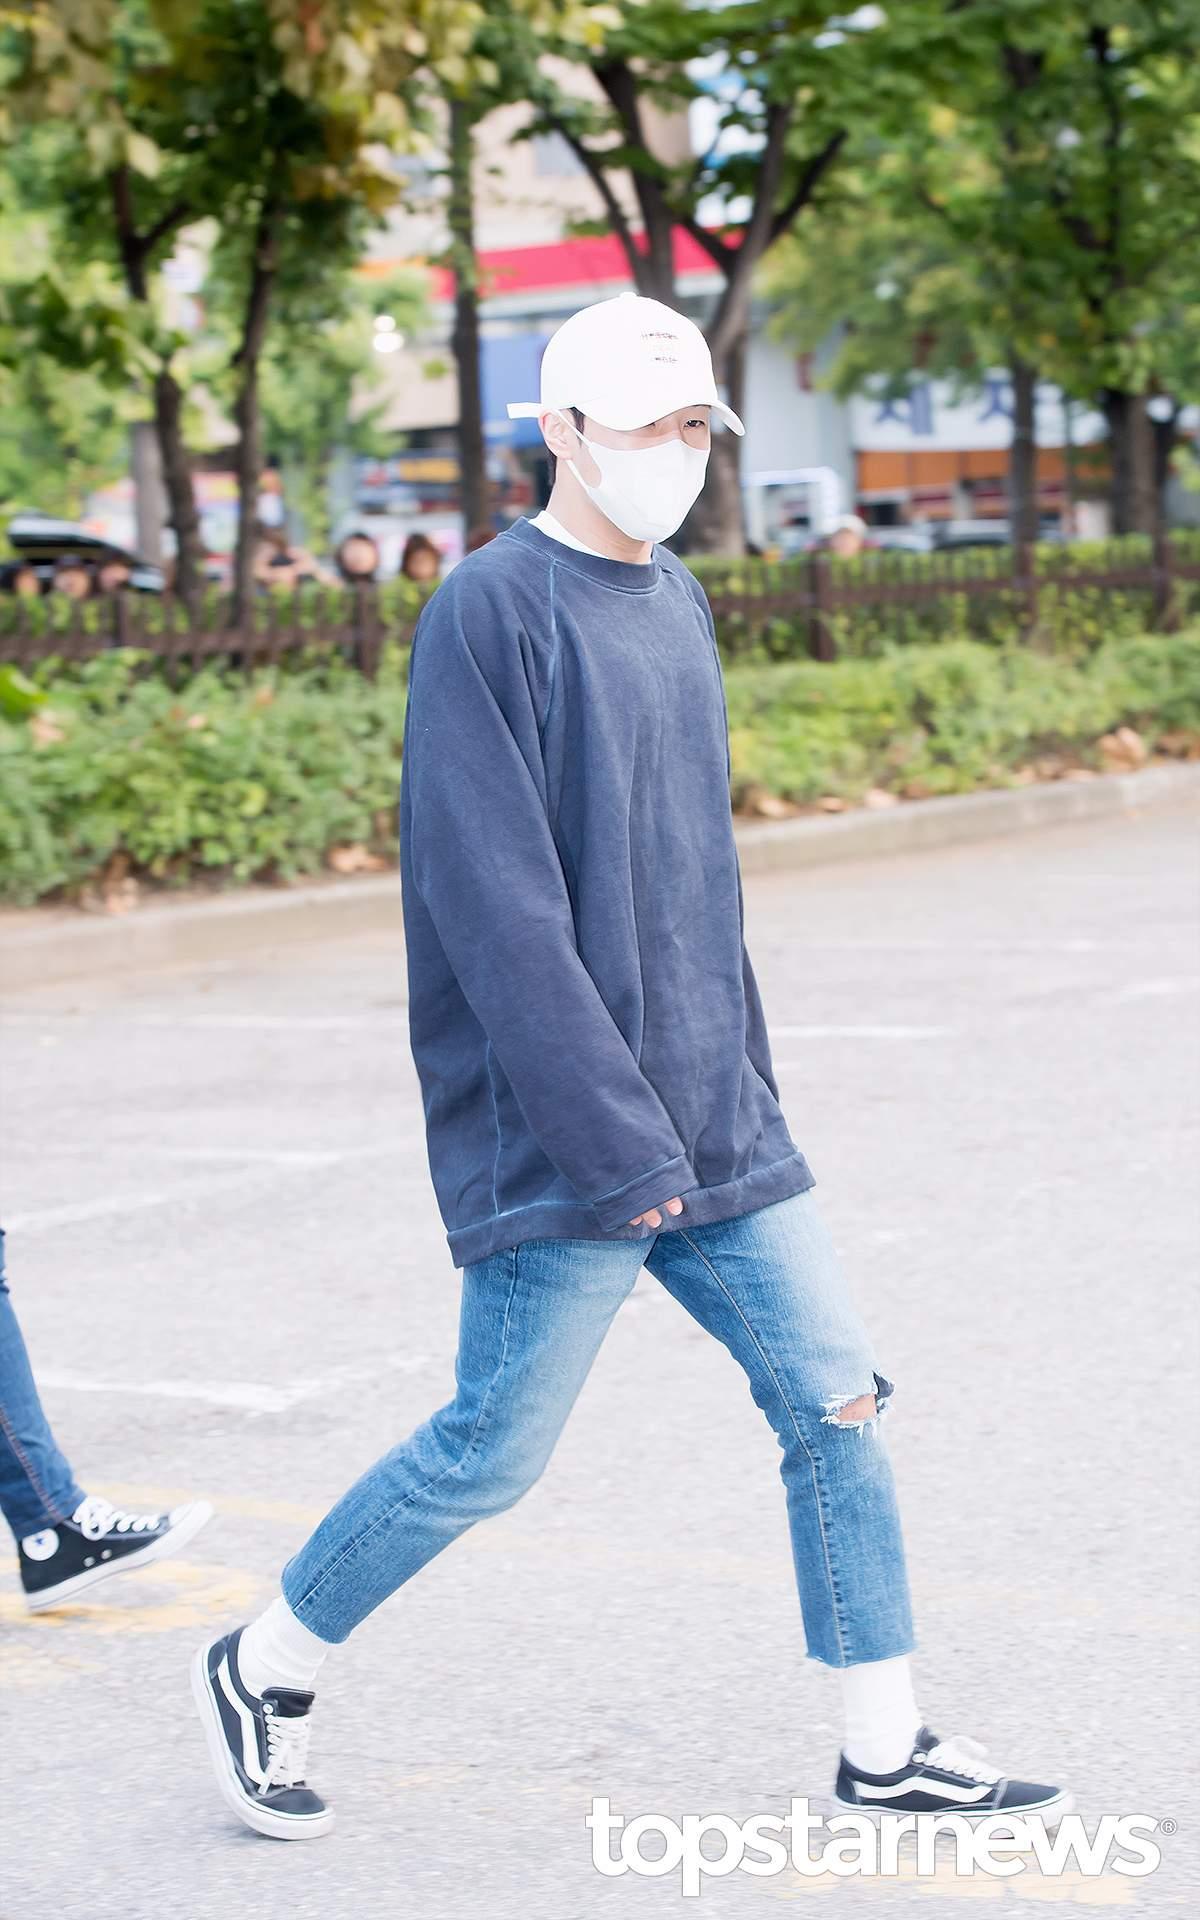 2.混搭 韓國歐巴真的很少會單穿一件T,一定會內搭一件T,或者是長T X 襯衫 X 外套,打造出層次感。但混搭不等於亂搭,一定要搭配好顏色,內搭T通常以黑白灰為主。